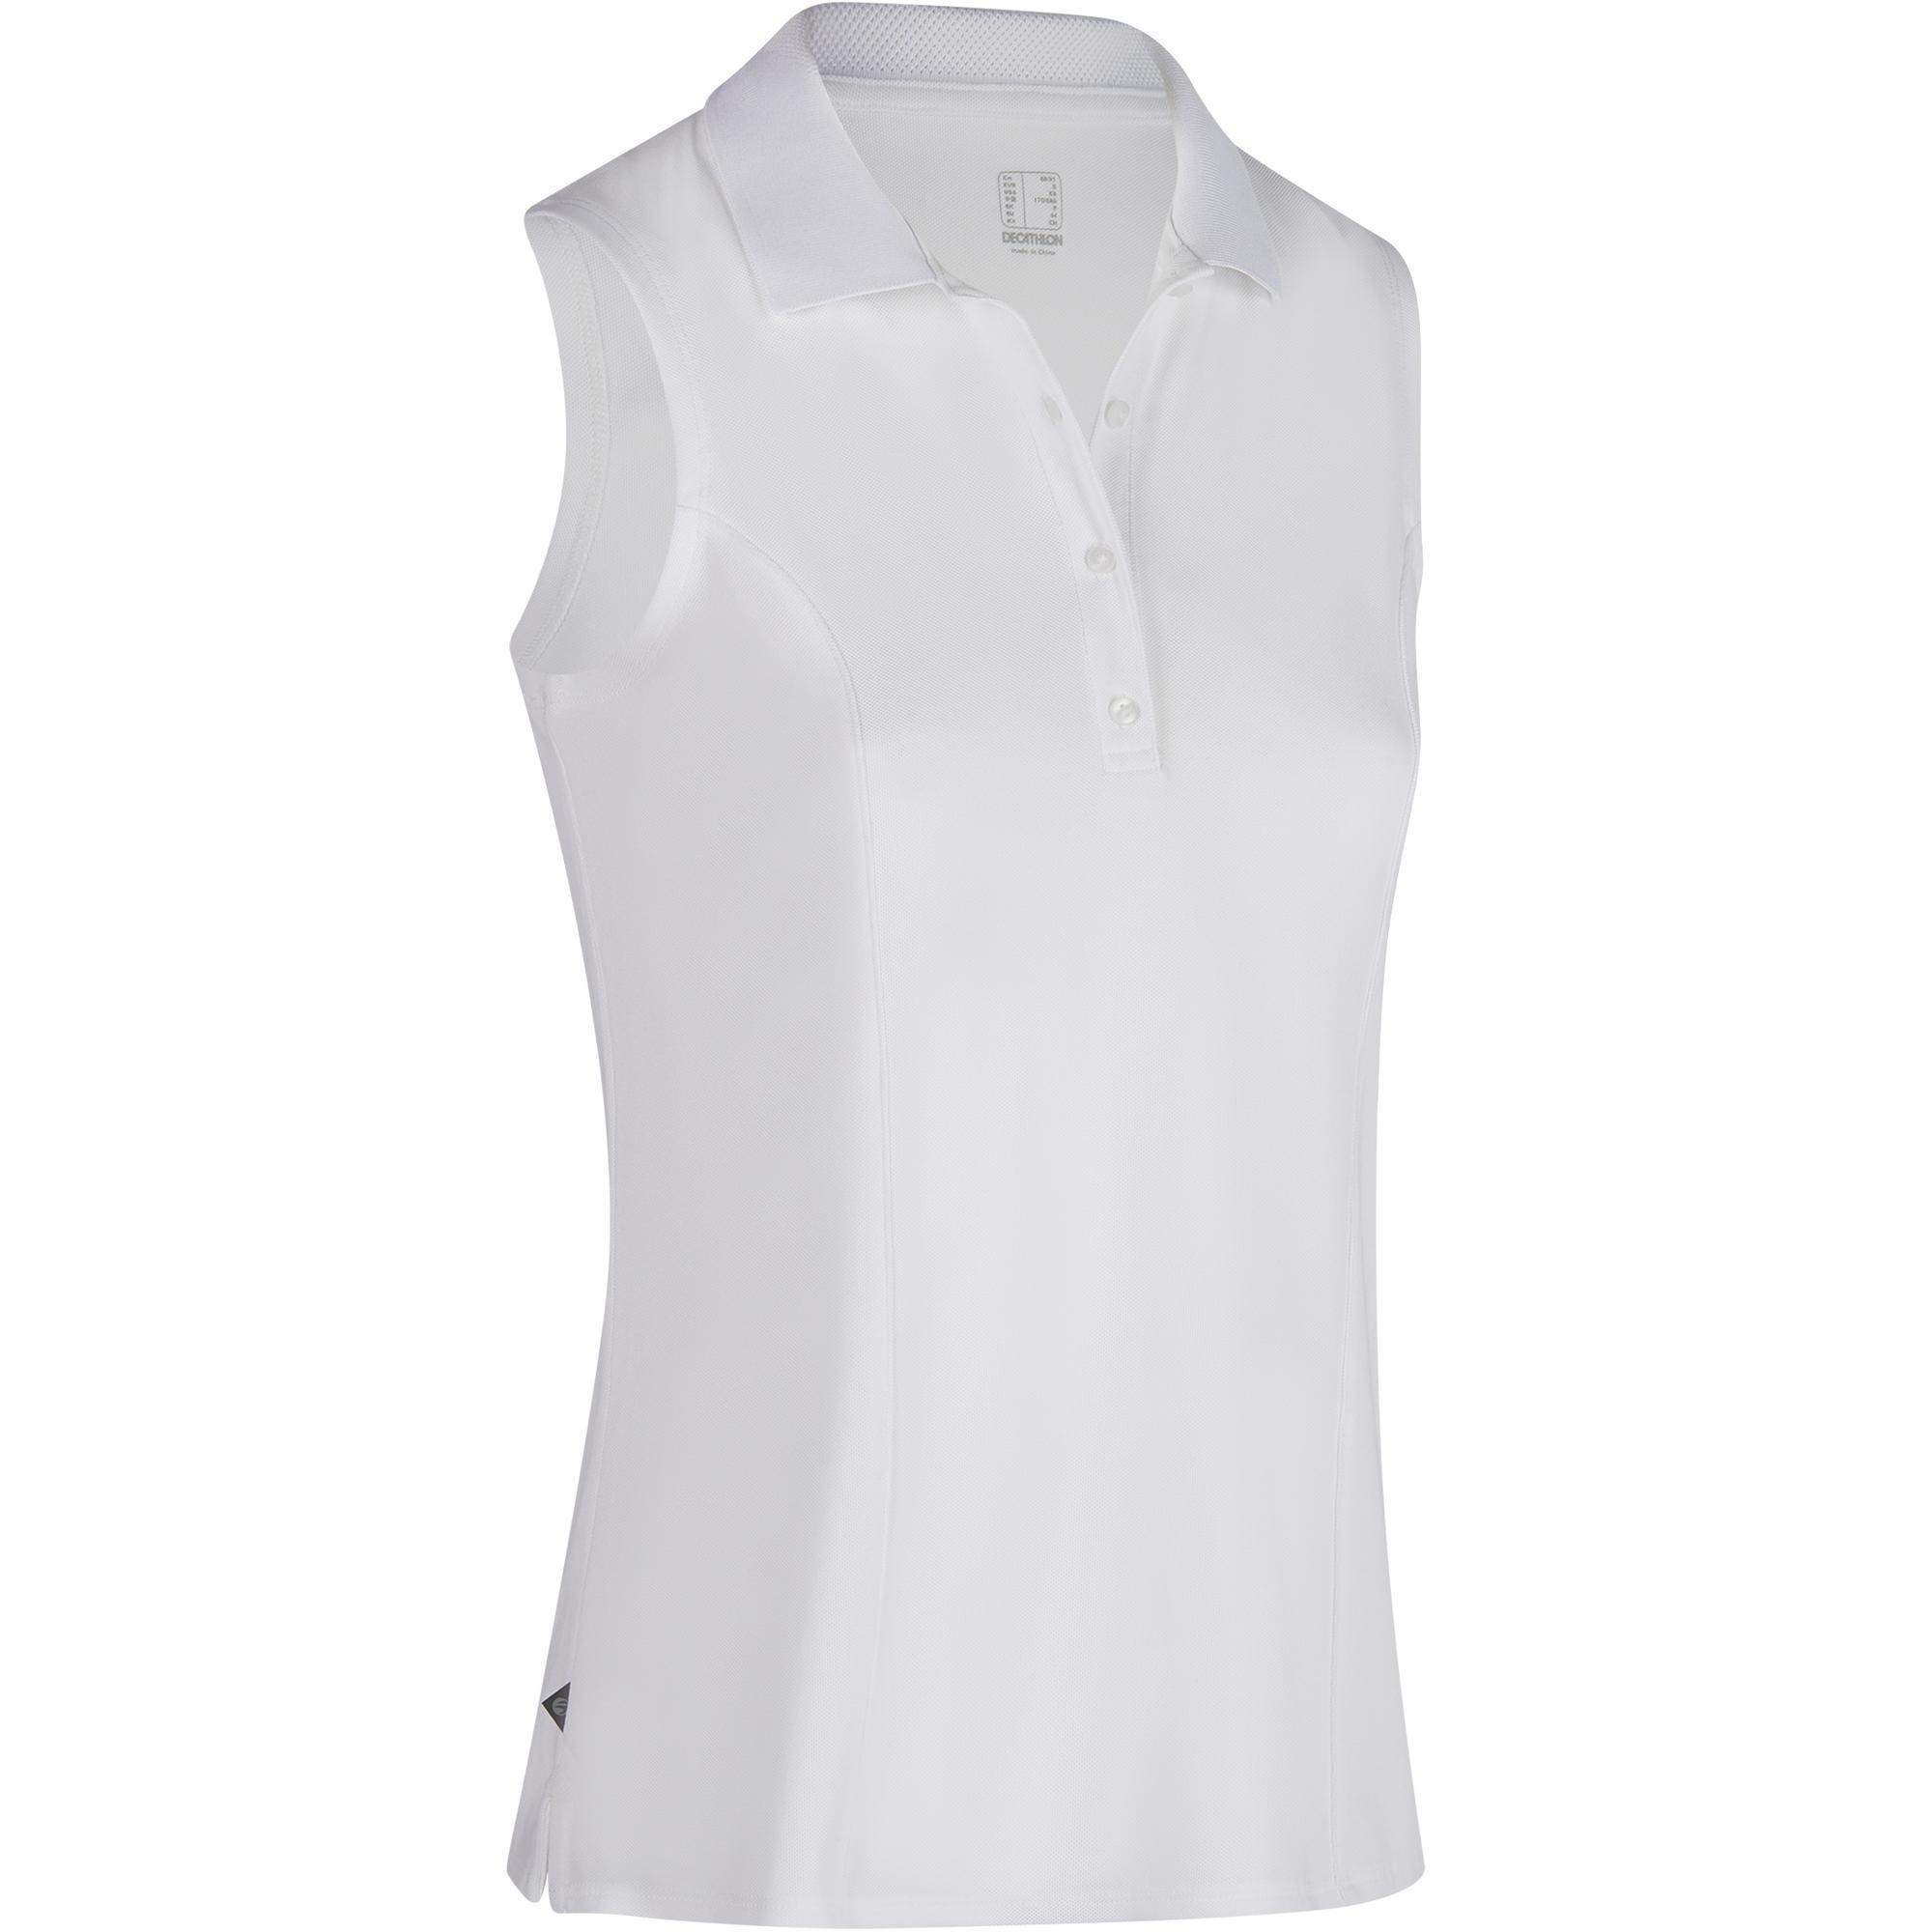 Inesis Mouwloze golfpolo 900 voor dames, warm weer, wit